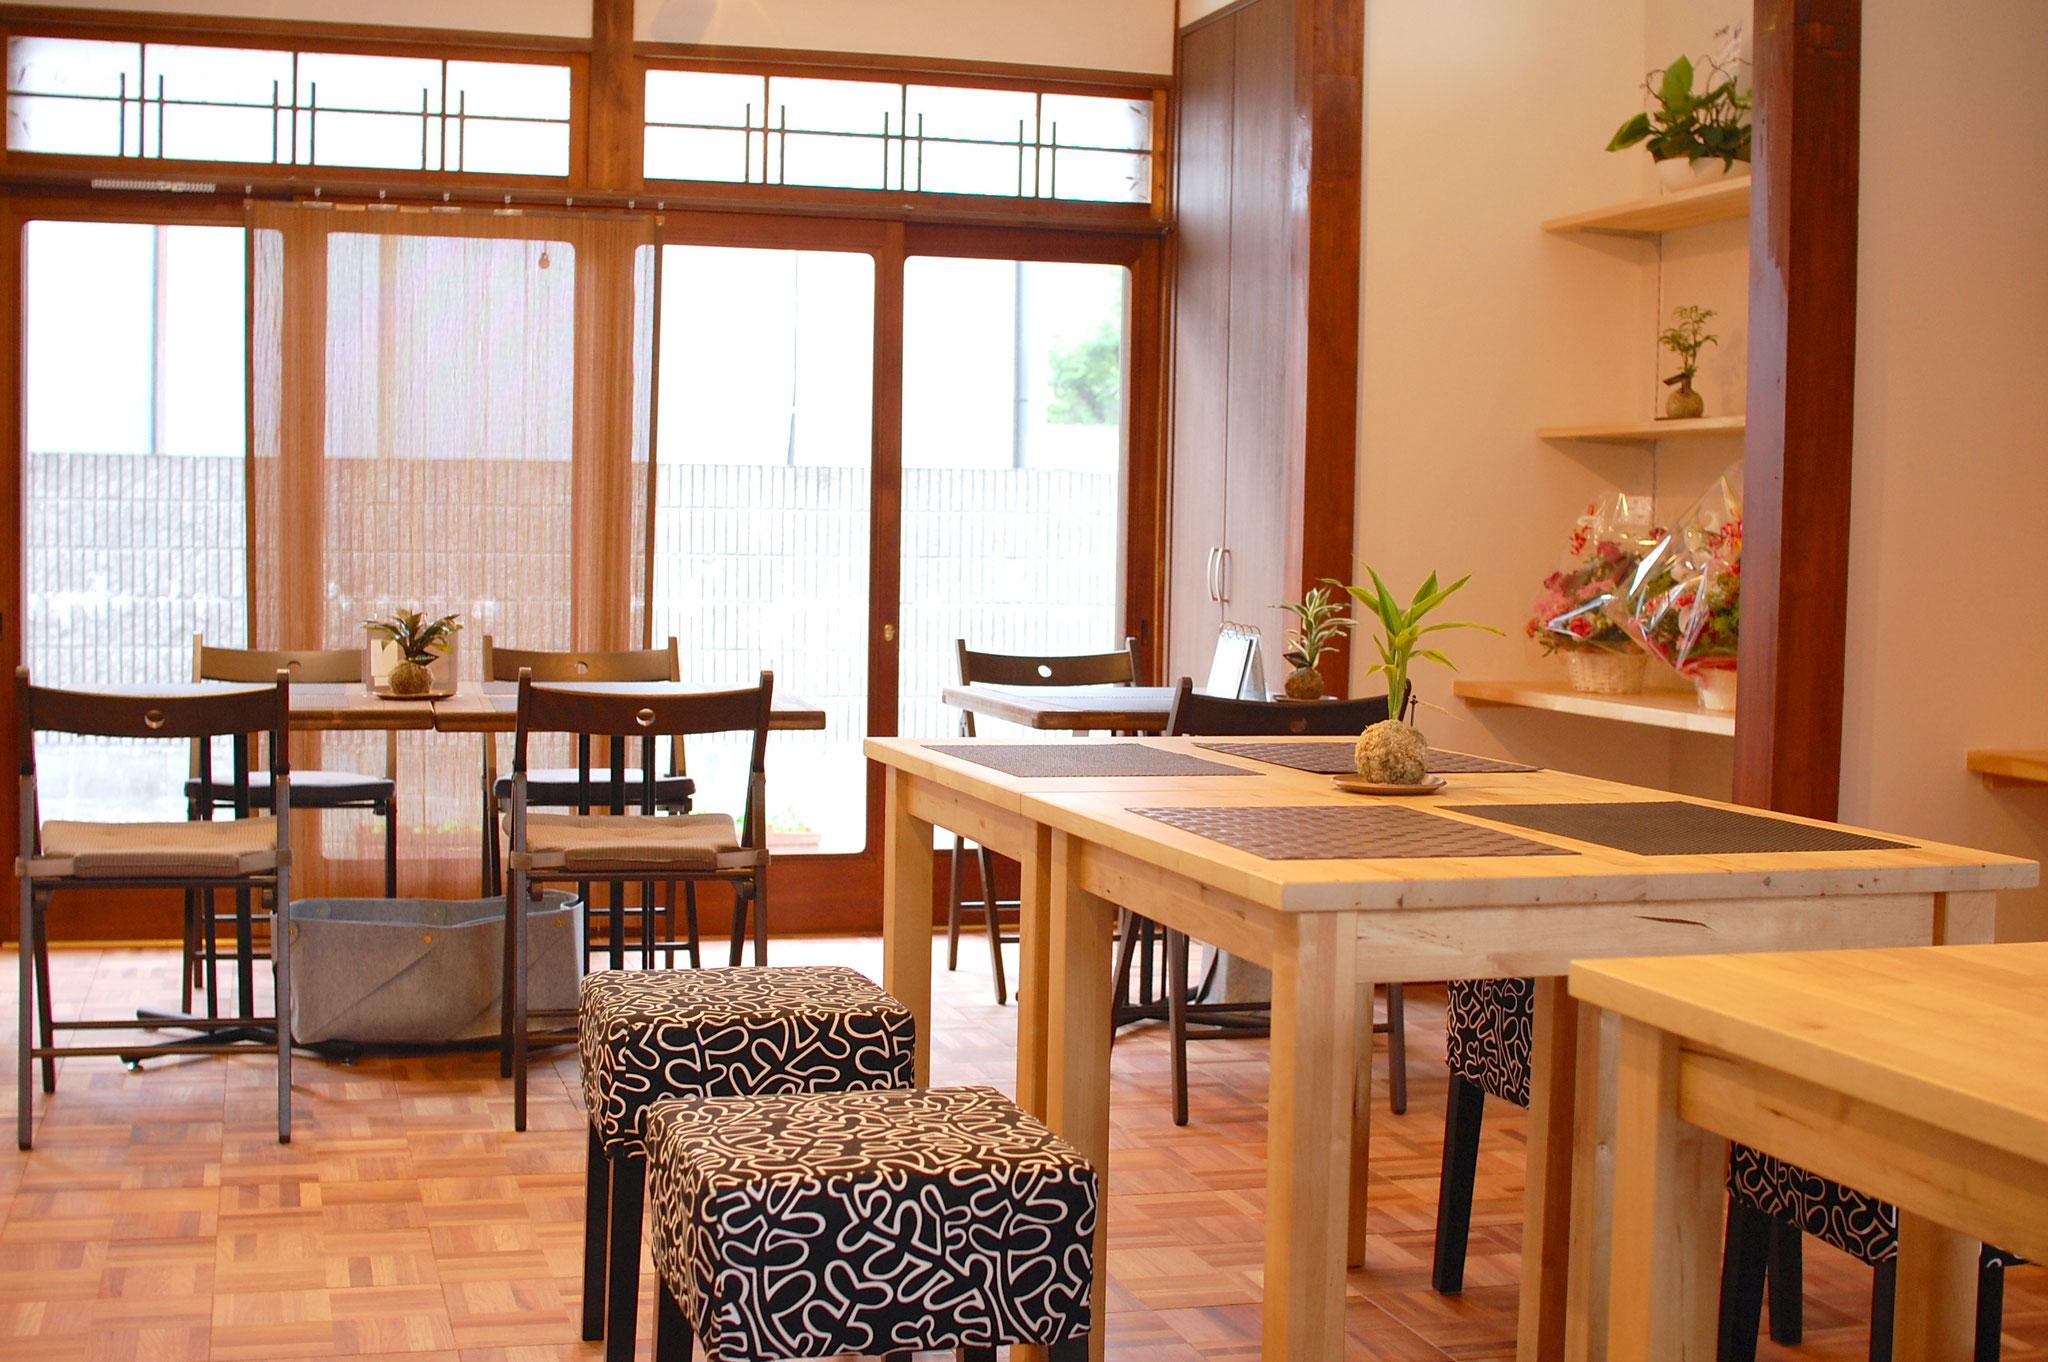 ランチ&カフェは月火金土曜、木曜はカフェのみです。